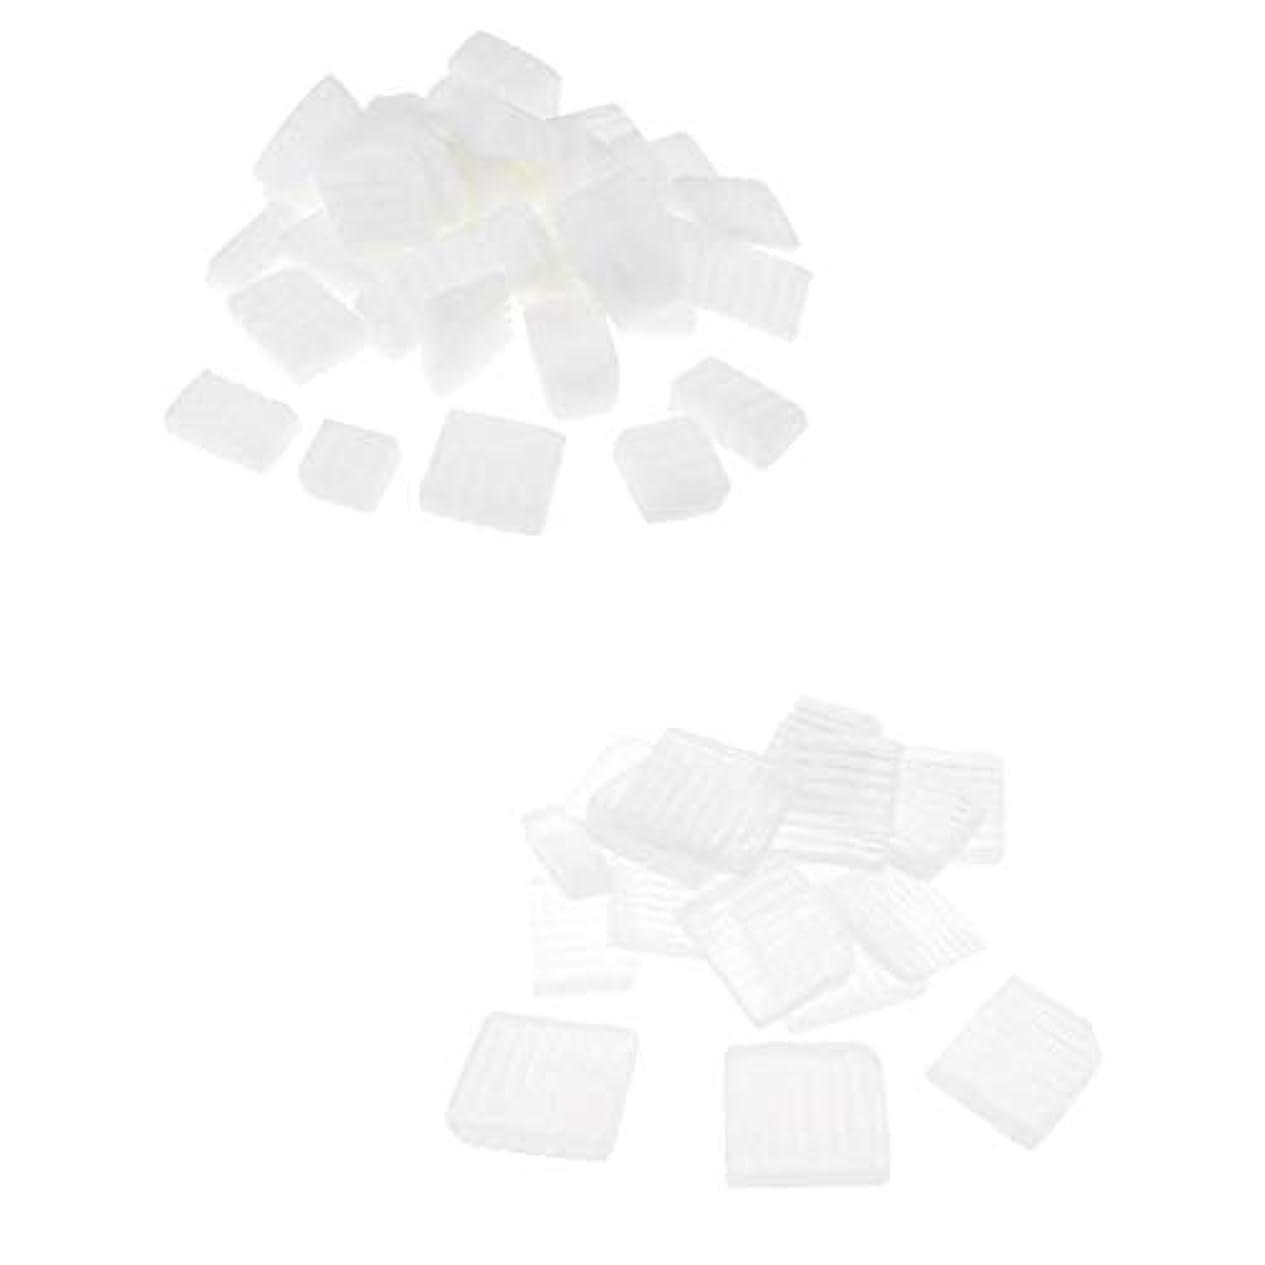 苦いプラス光沢FLAMEER 固形せっけん 石鹸ベース 2KG ホワイトクリア DIY製造 工芸品 ハンドメイド 石鹸原料 耐久性